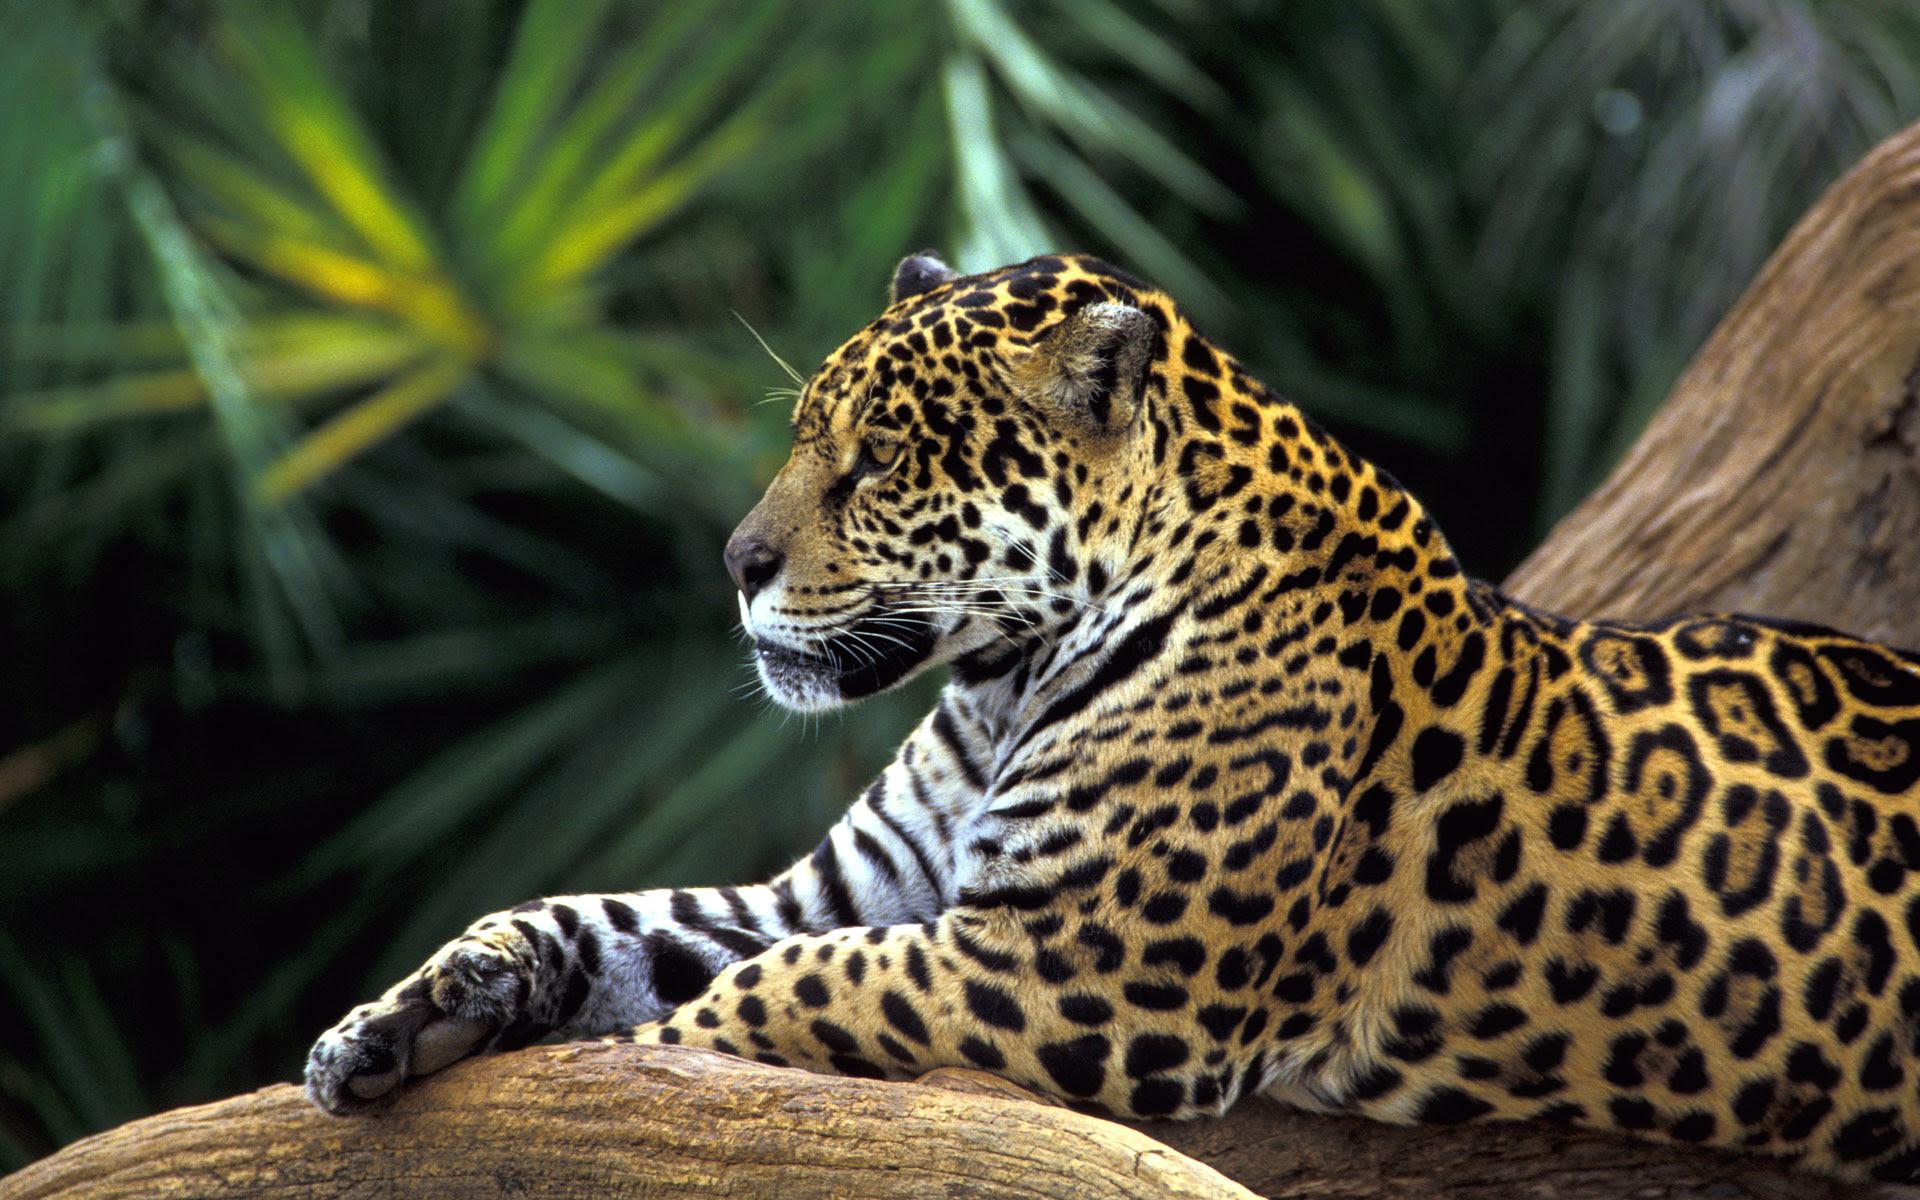 Jaguar Wallpaper Rainforest Hd Desktop Wallpapers 4k Hd